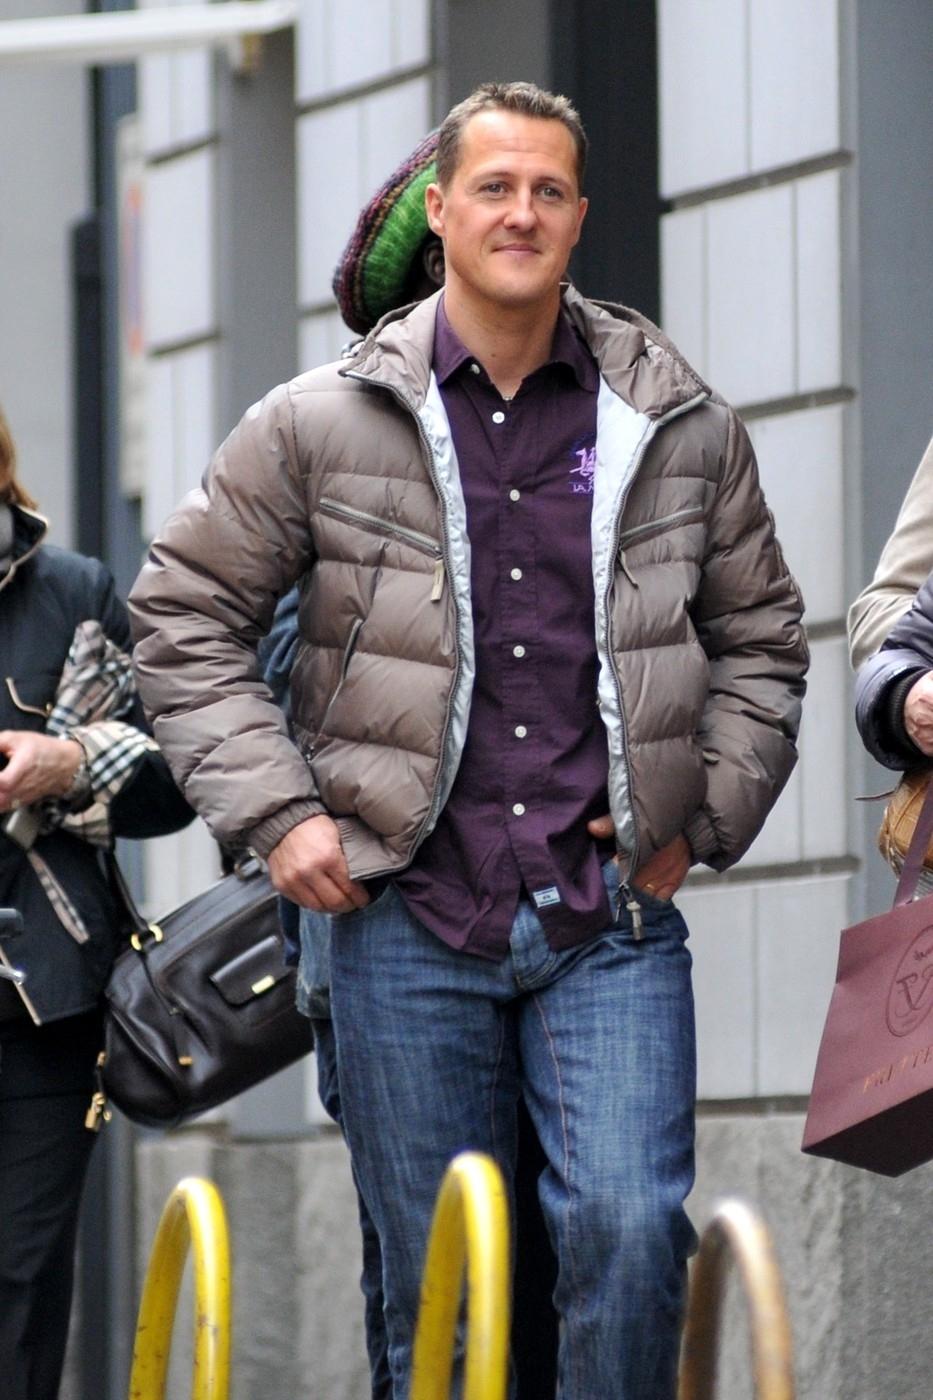 Fotografové zachytili Michaela Schumachera na nákupech v Miláně